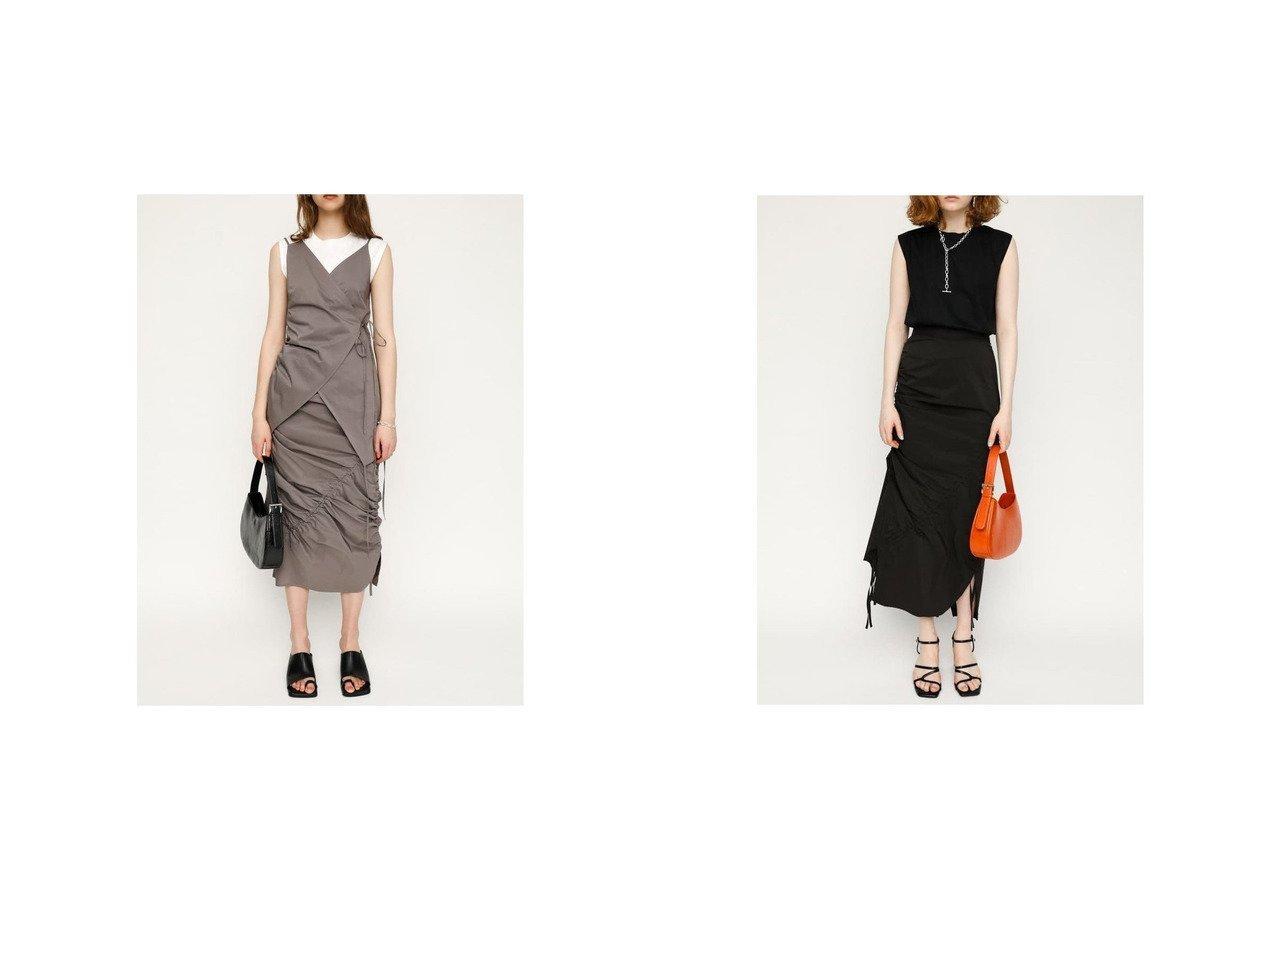 【SLY/スライ】のSHIRRING スカート おすすめ!人気トレンド・レディースファッション通販 おすすめで人気の流行・トレンド、ファッションの通販商品 インテリア・家具・メンズファッション・キッズファッション・レディースファッション・服の通販 founy(ファニー) https://founy.com/ ファッション Fashion レディースファッション WOMEN スカート Skirt 2021年 2021 2021春夏・S/S SS/Spring/Summer/2021 S/S・春夏 SS・Spring/Summer コンパクト シャーリング スリム トレンド 今季 夏 Summer 春 Spring  ID:crp329100000053080